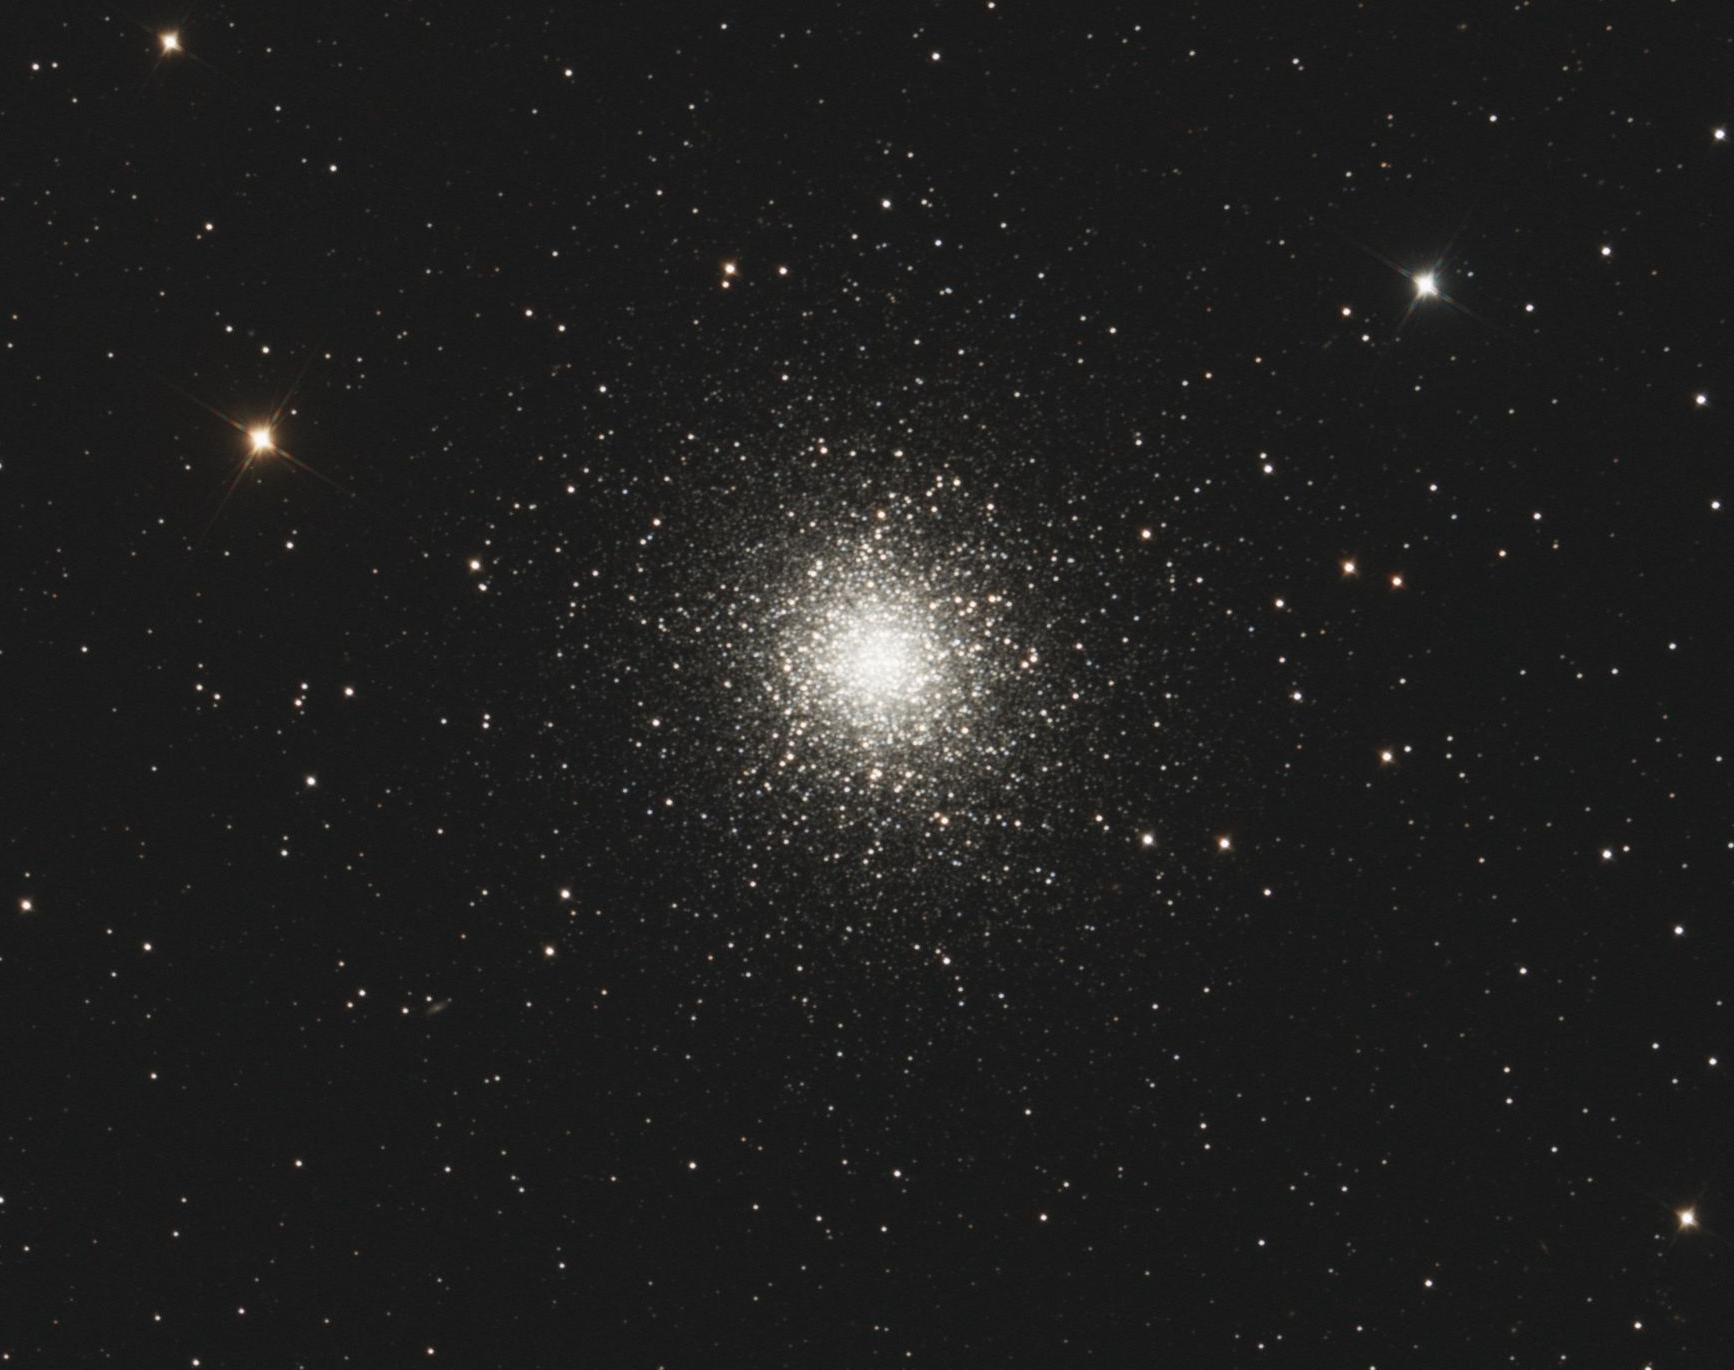 f:id:snct-astro:20201014184548p:plain